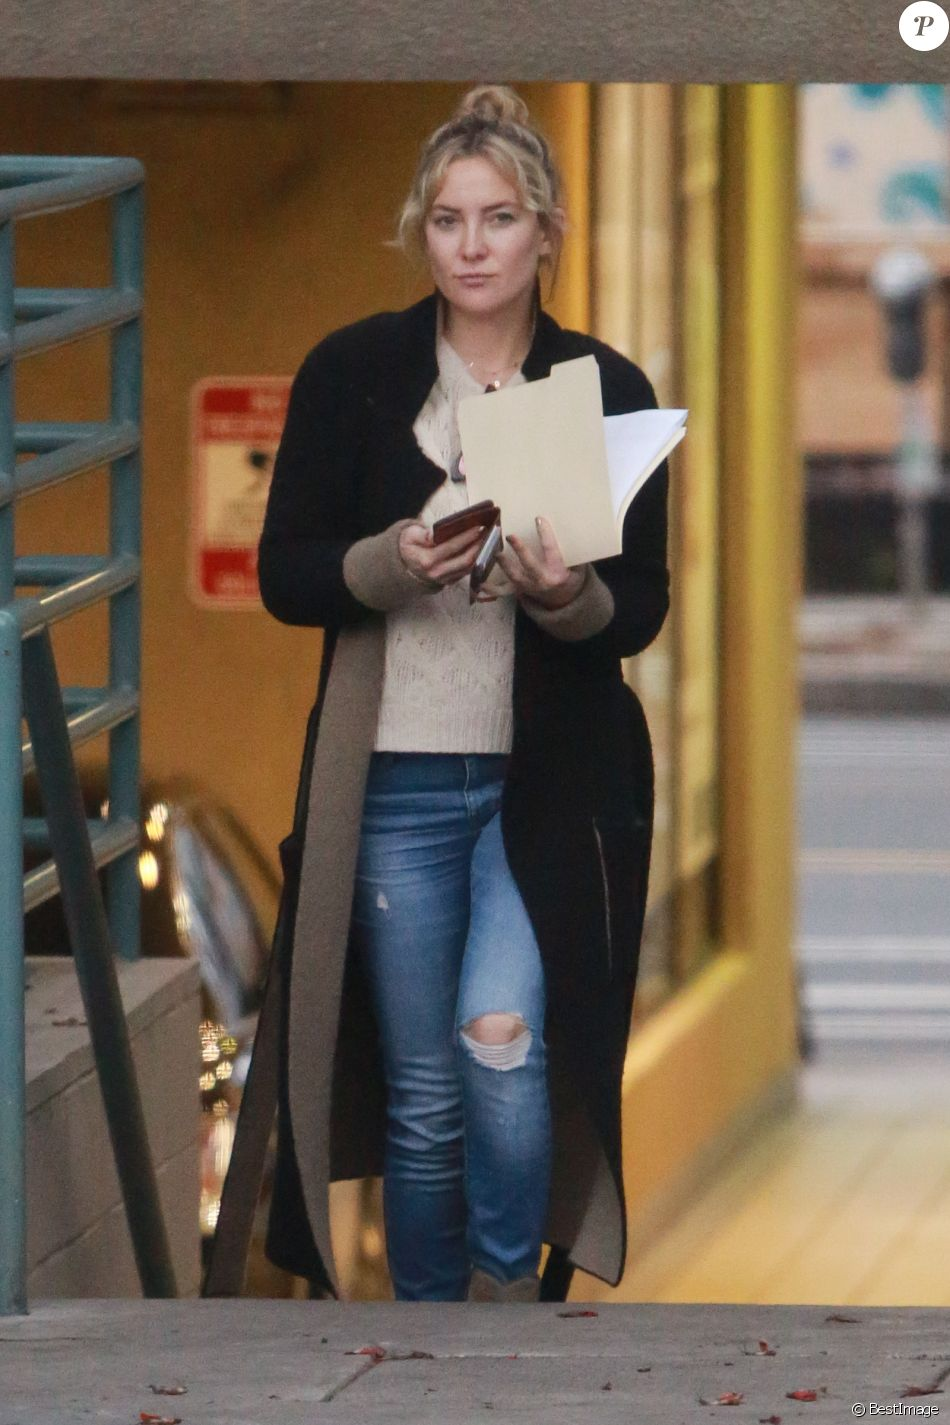 Exclusif - Kate Hudson et son ex-mari Chris Robinson sortent séparément du même immeuble à Los Angeles, Californie, Etats-Unis, le 27 février 2017.